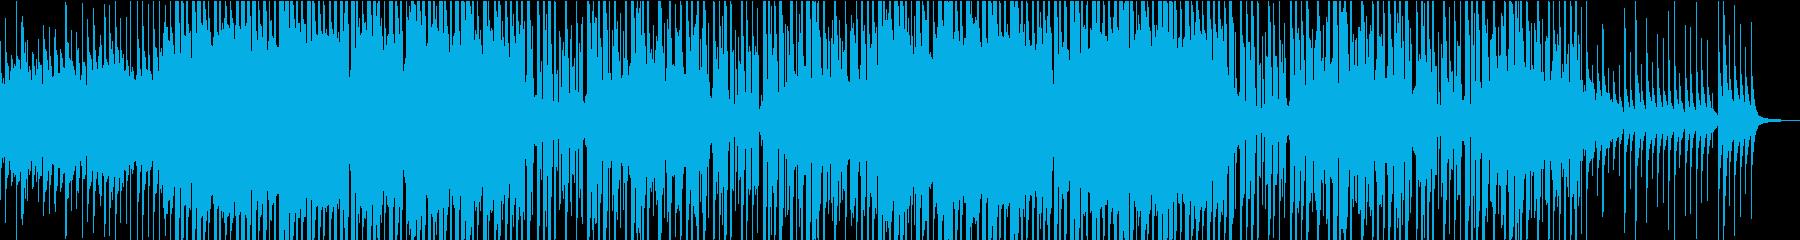 令和をイメージした和風テクノポップの再生済みの波形